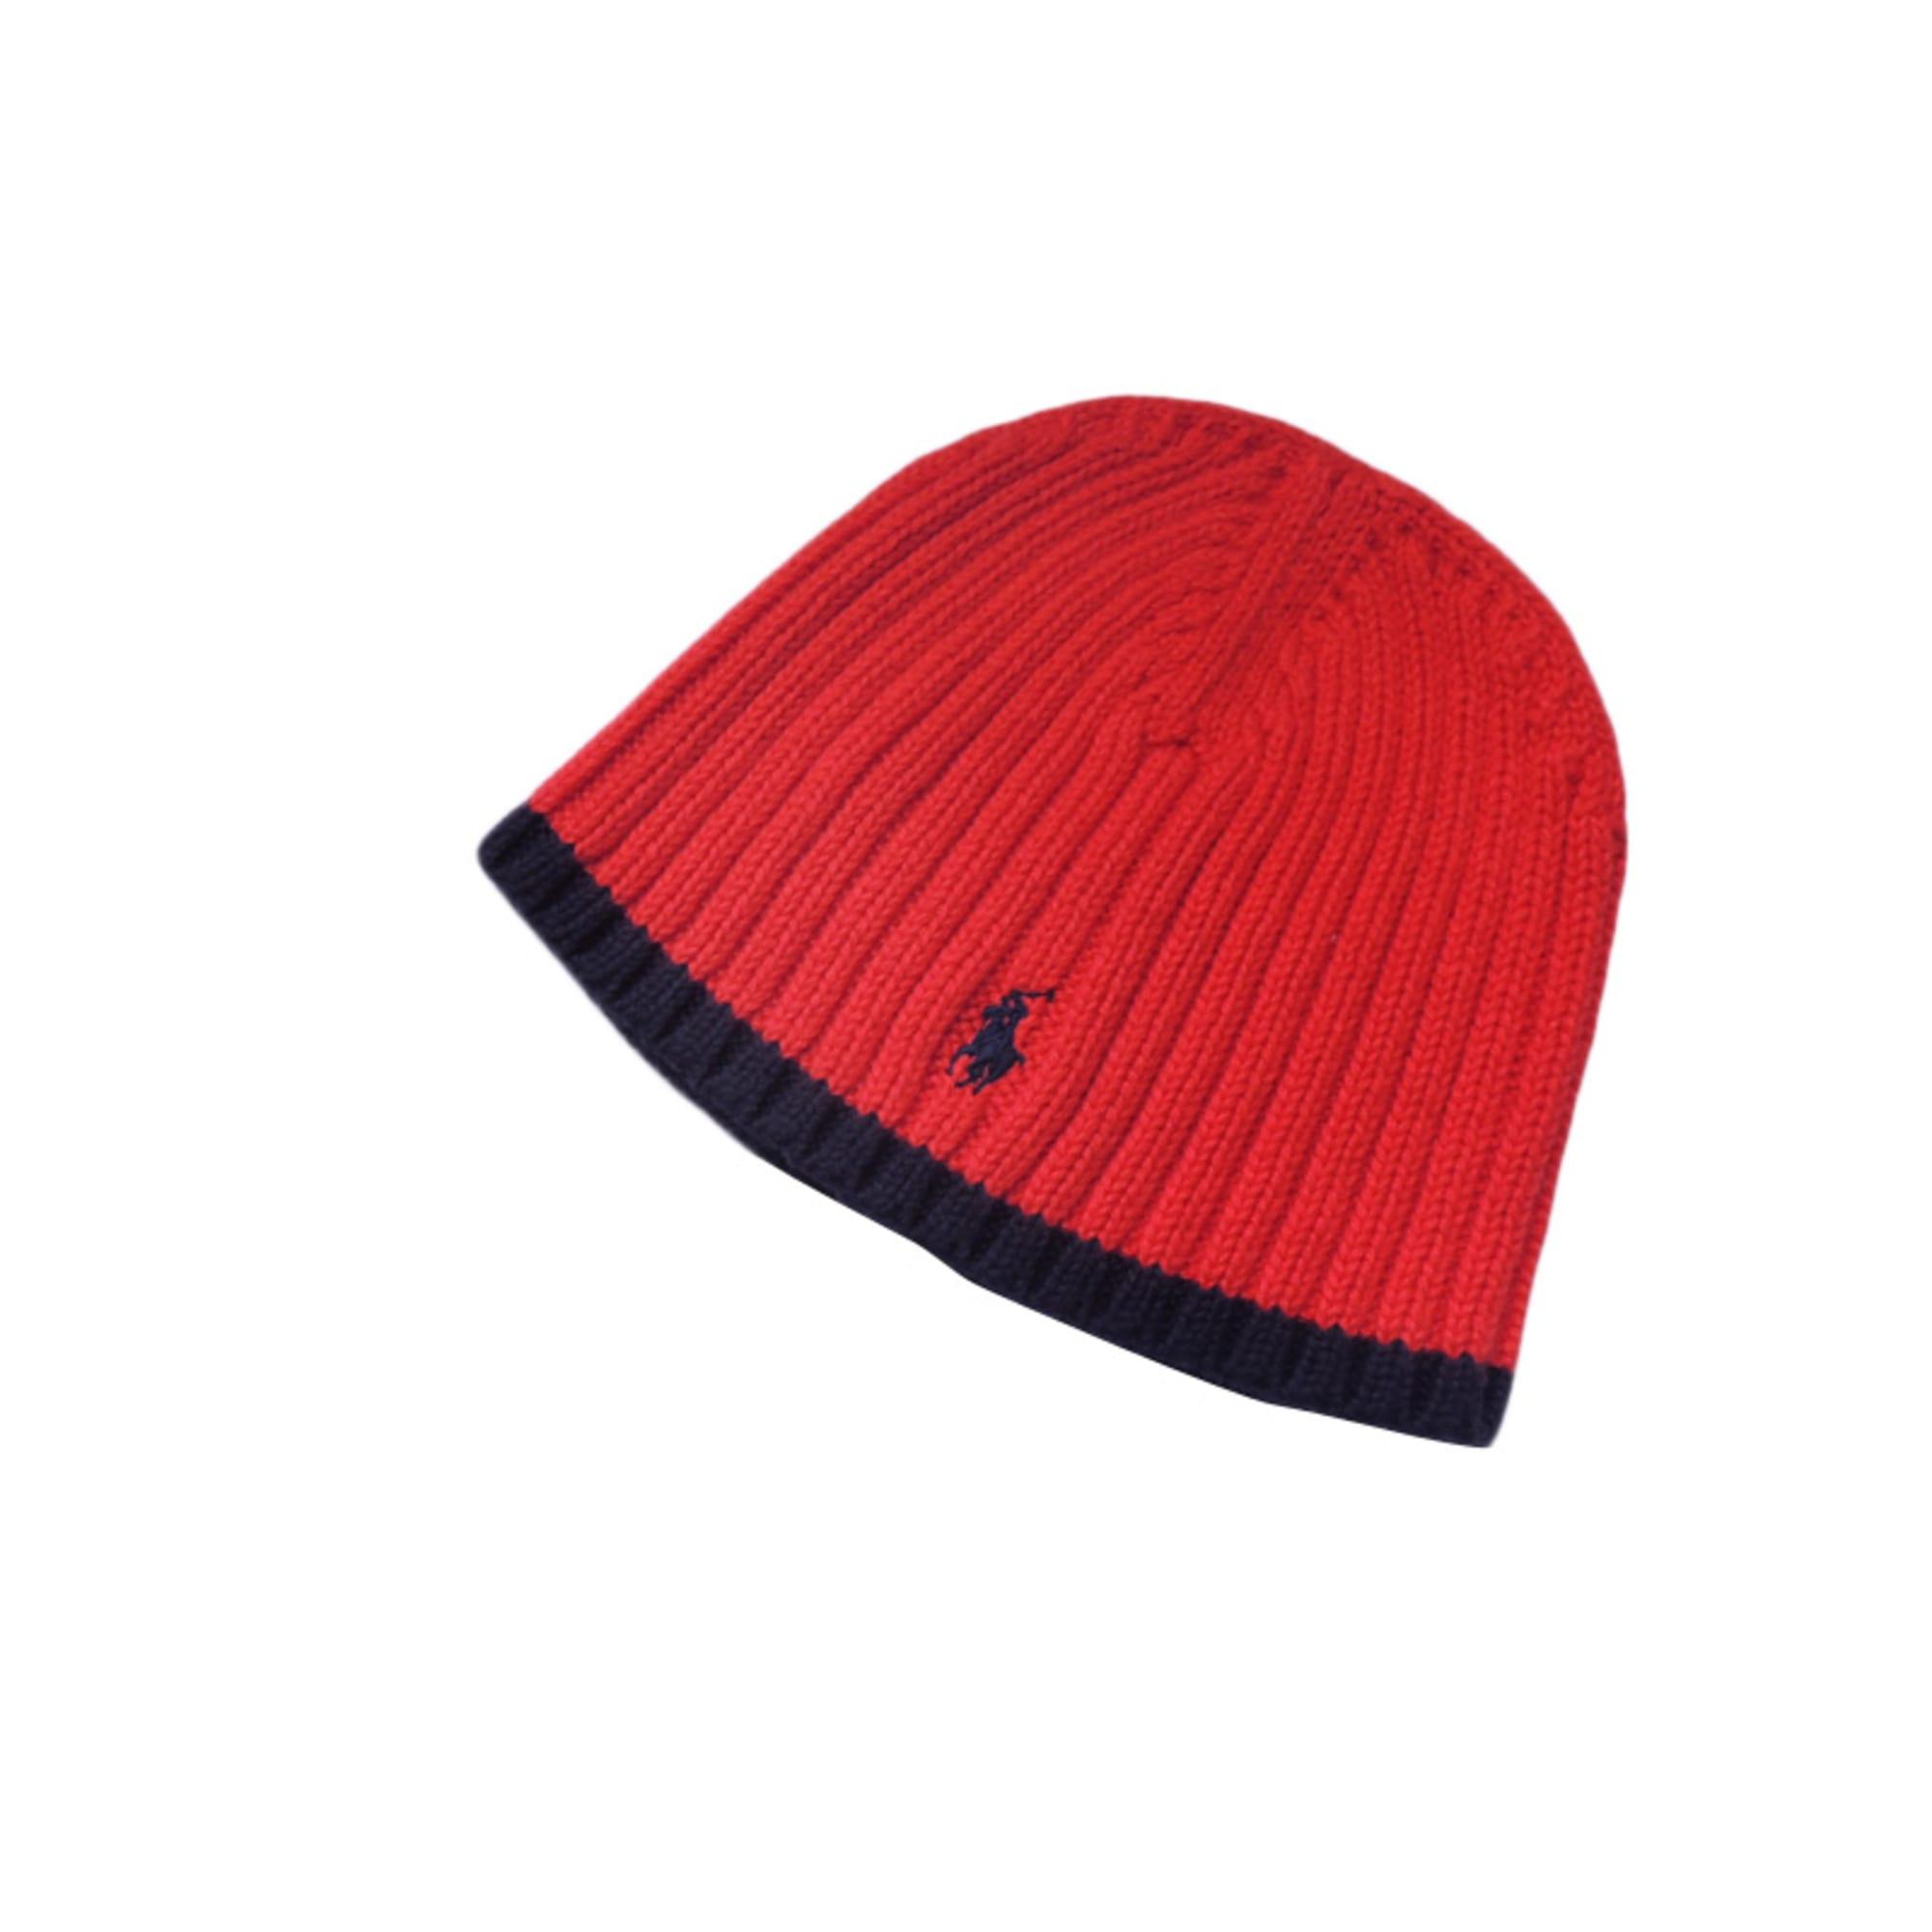 65418473952 Bonnet RALPH LAUREN 18 mois rouge vendu par Maudeuse - 1681800